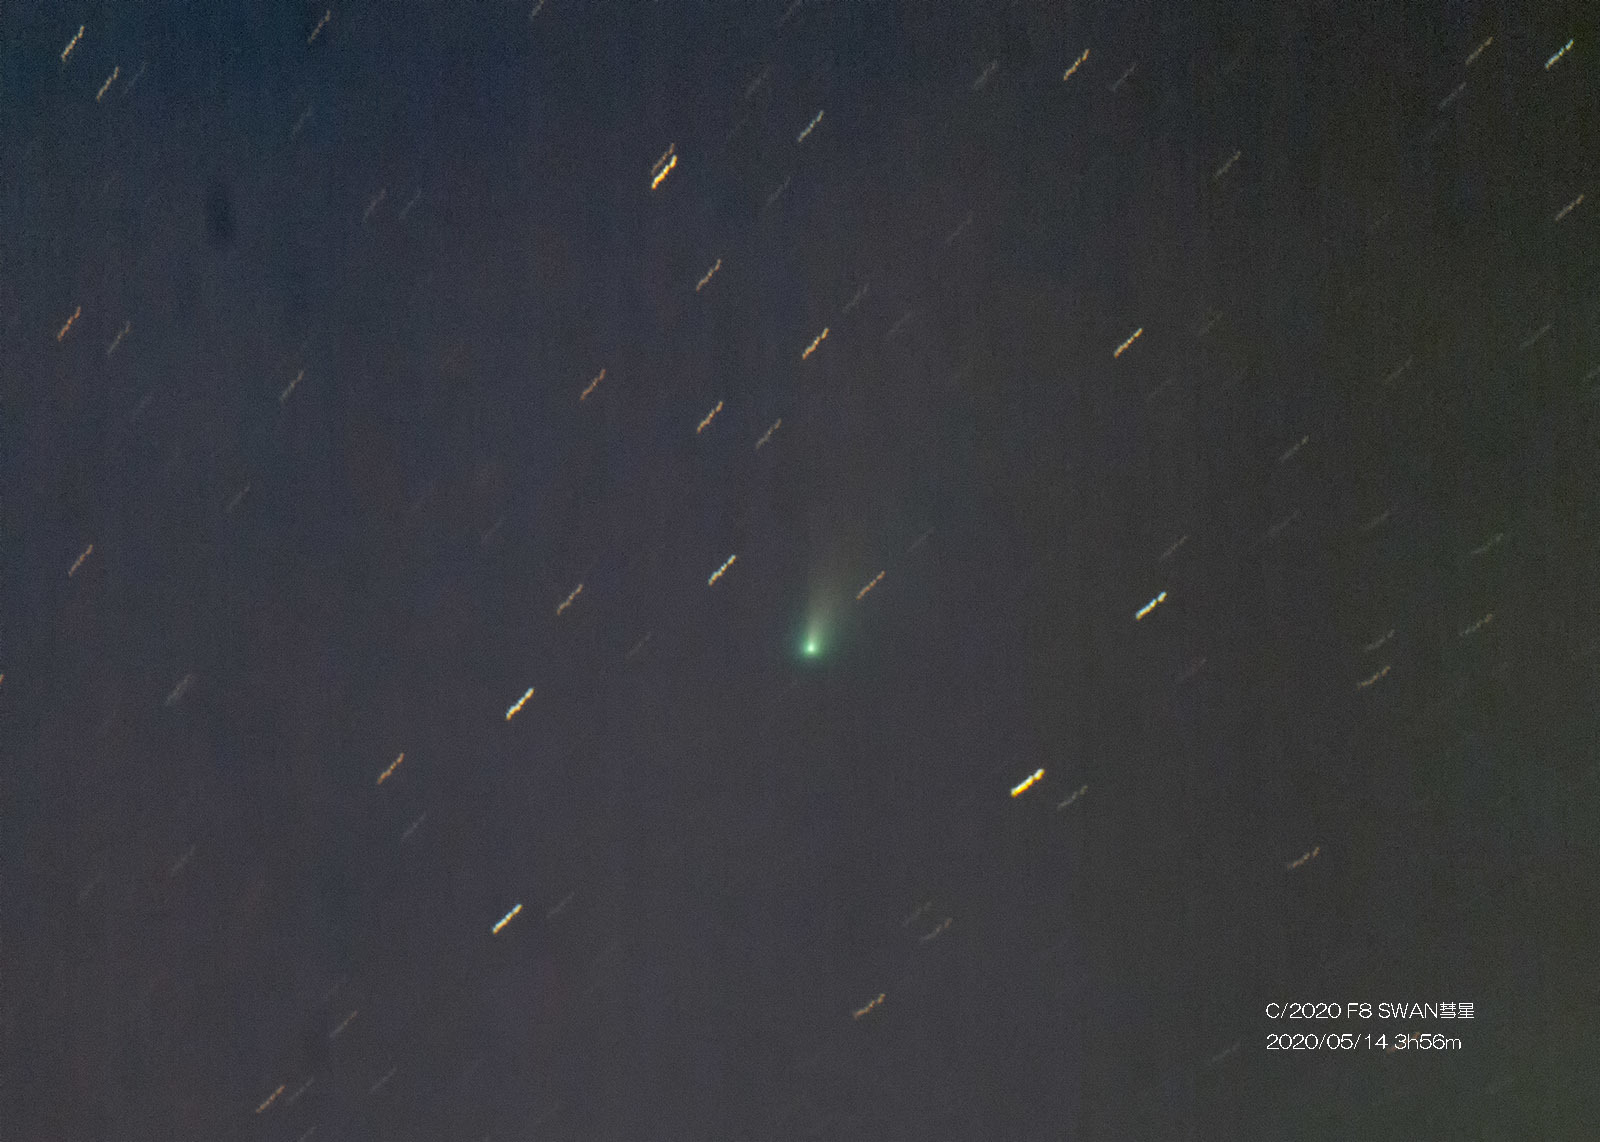 5月14日早朝のスワン彗星 とほほ報告?_e0174091_12022910.jpg